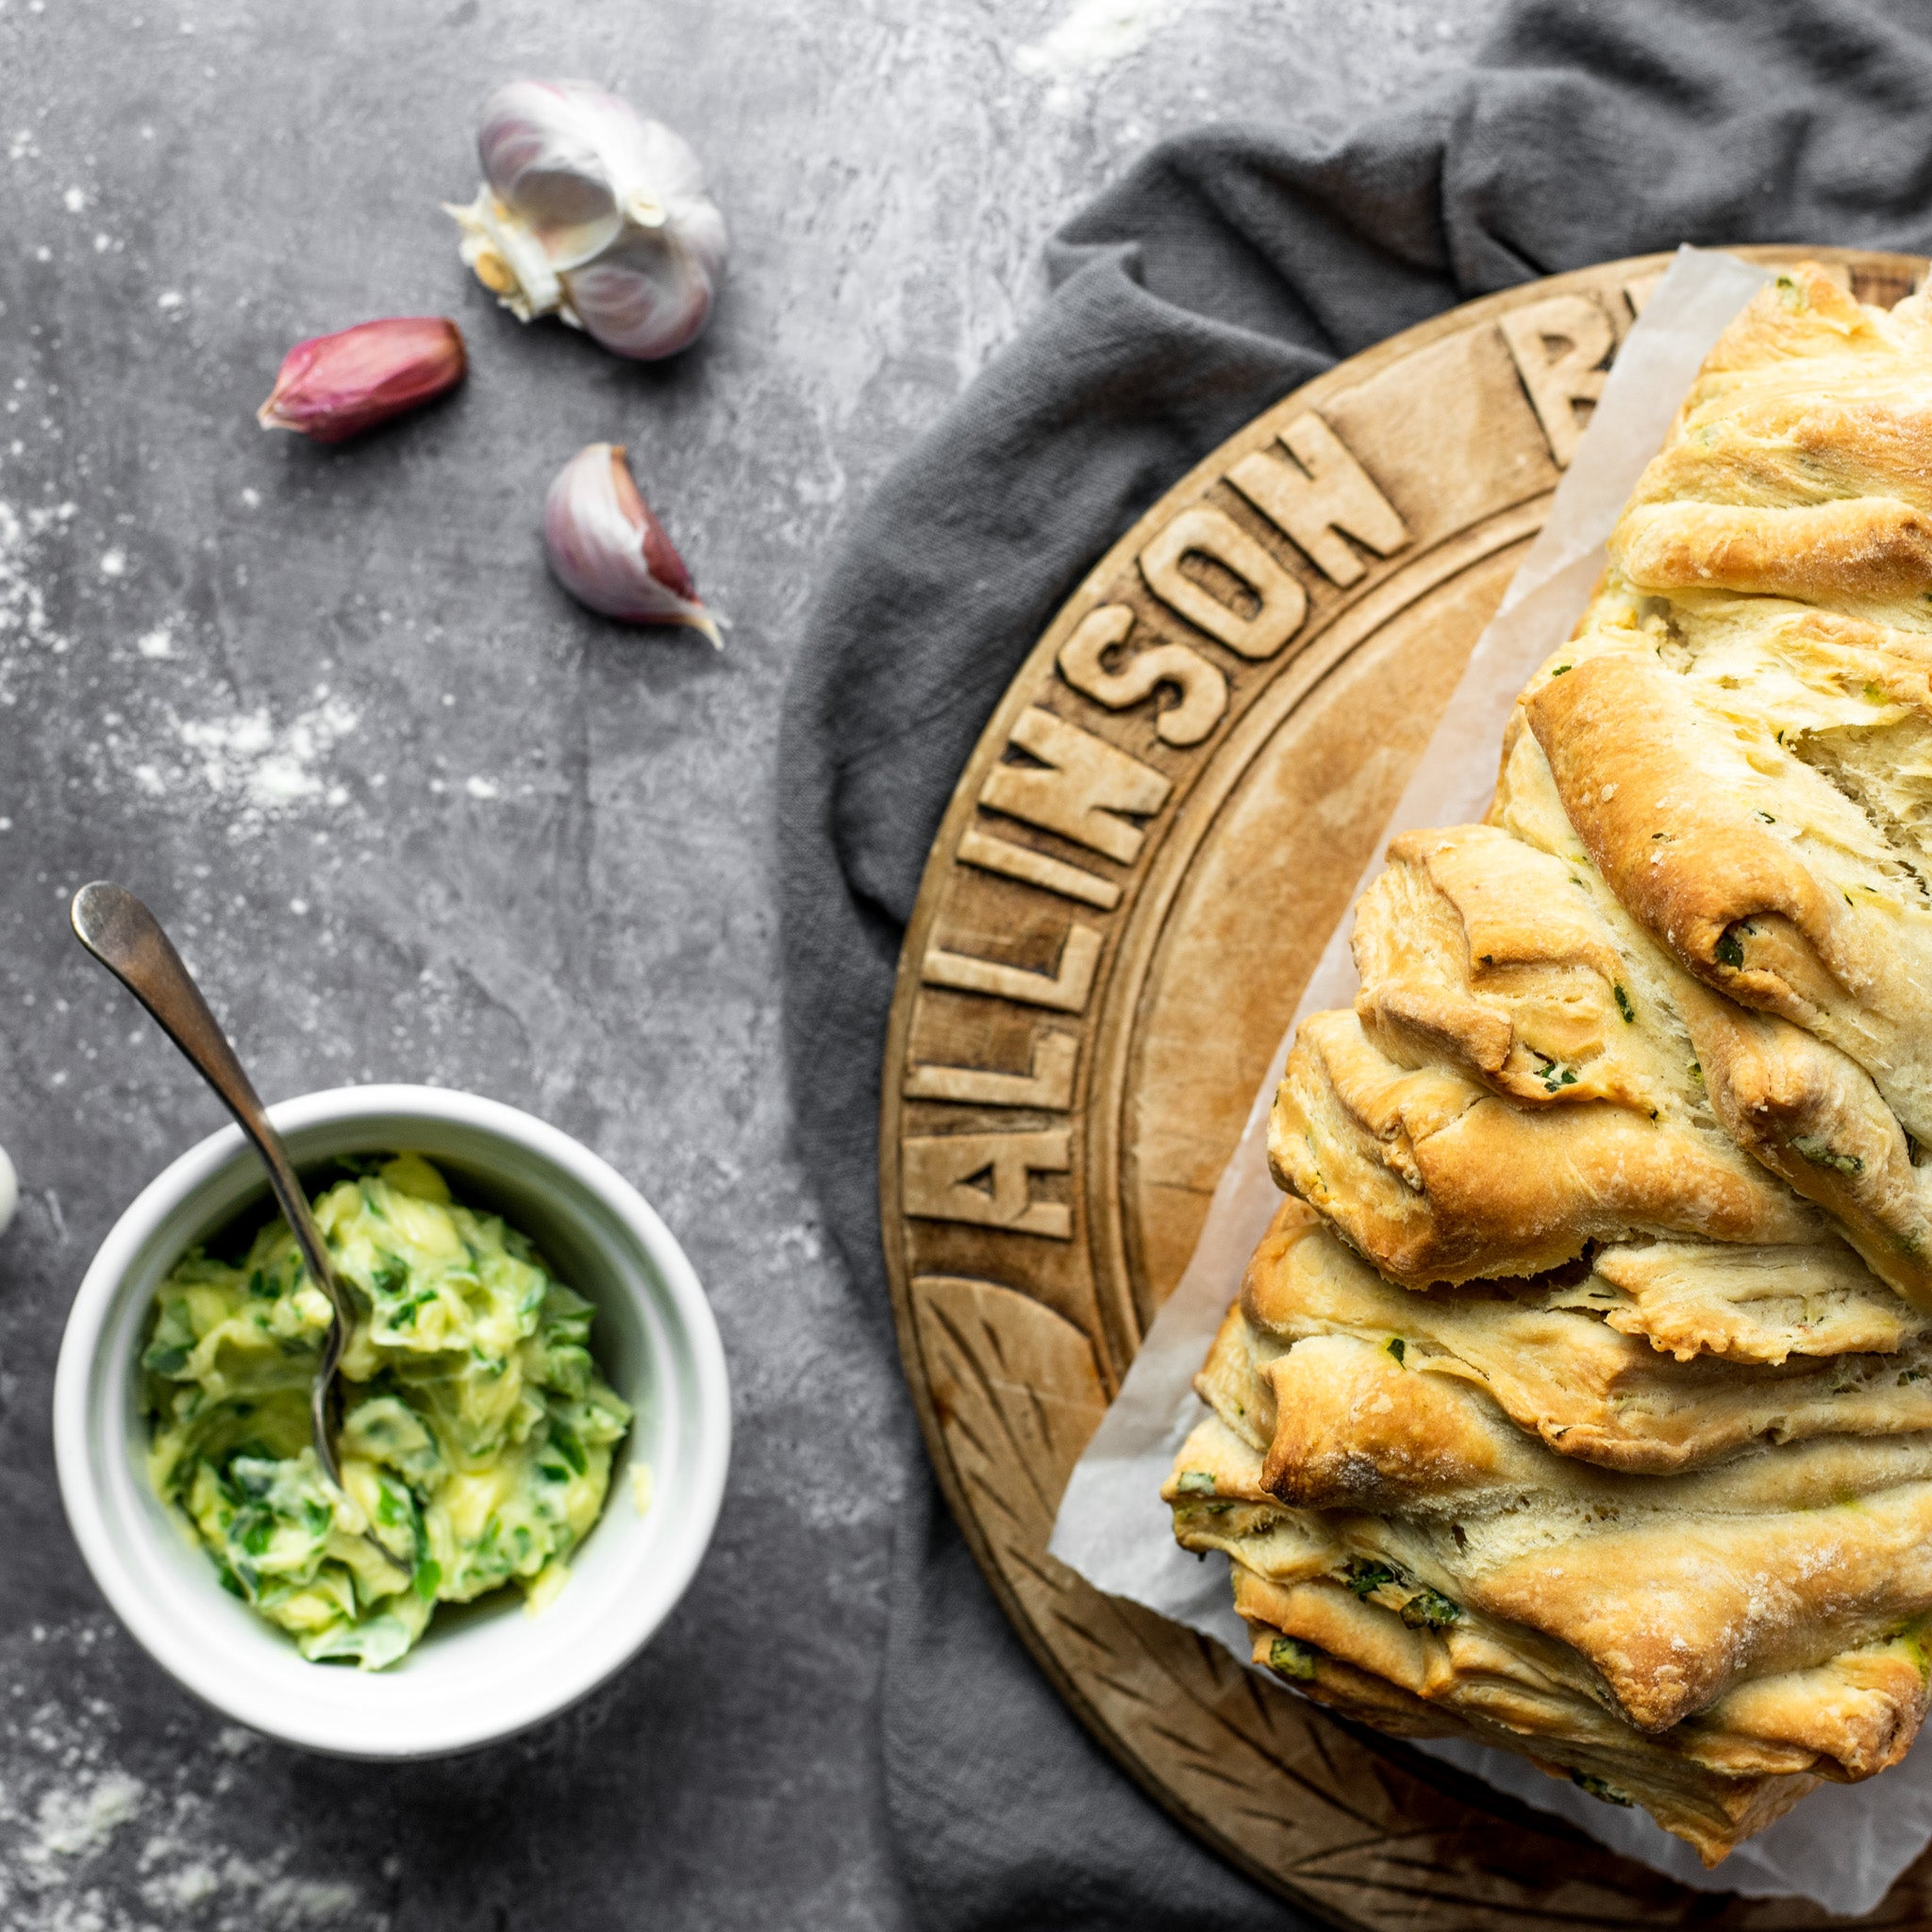 Allinsons-Best-Ever-Garlic-Bread-1-1-Baking-Mad-5.jpg